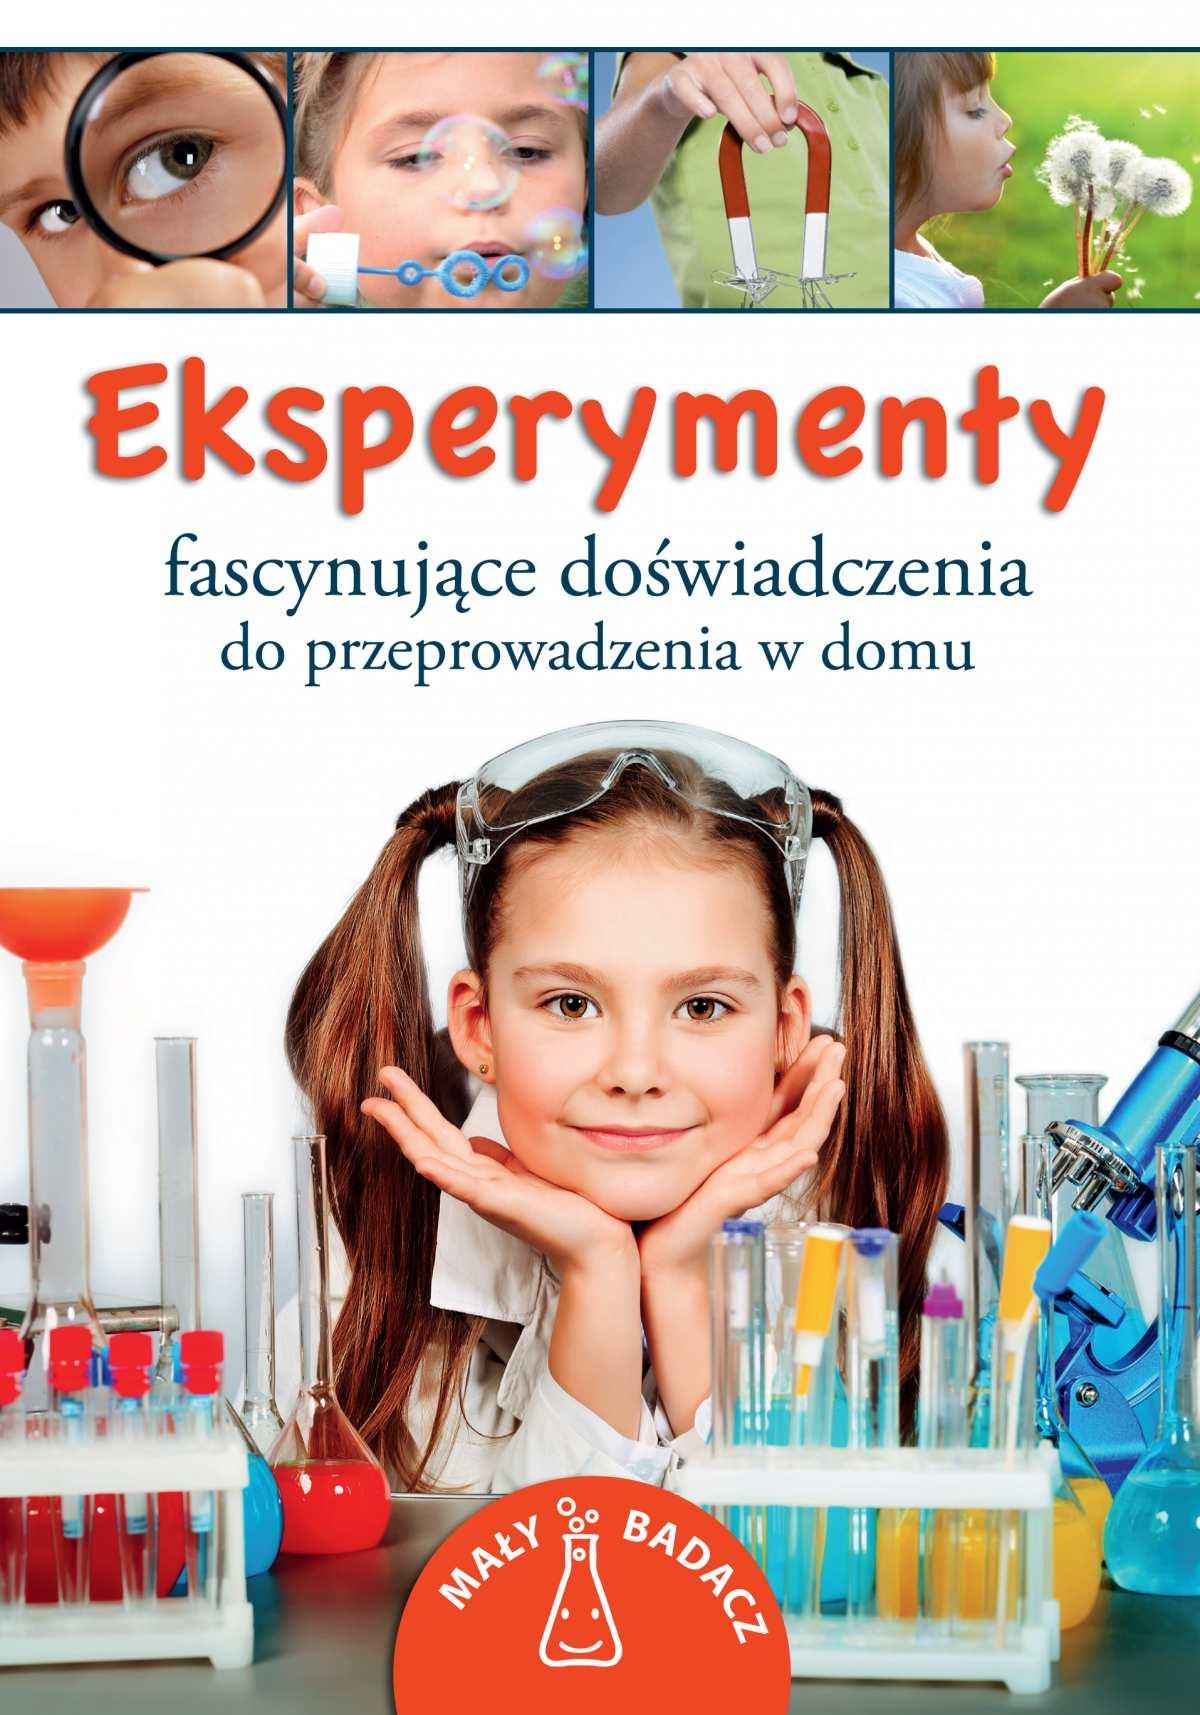 Eksperymenty. Fascynujące doświadczenia do przeprowadzenia w domu - Ebook (Książka PDF) do pobrania w formacie PDF